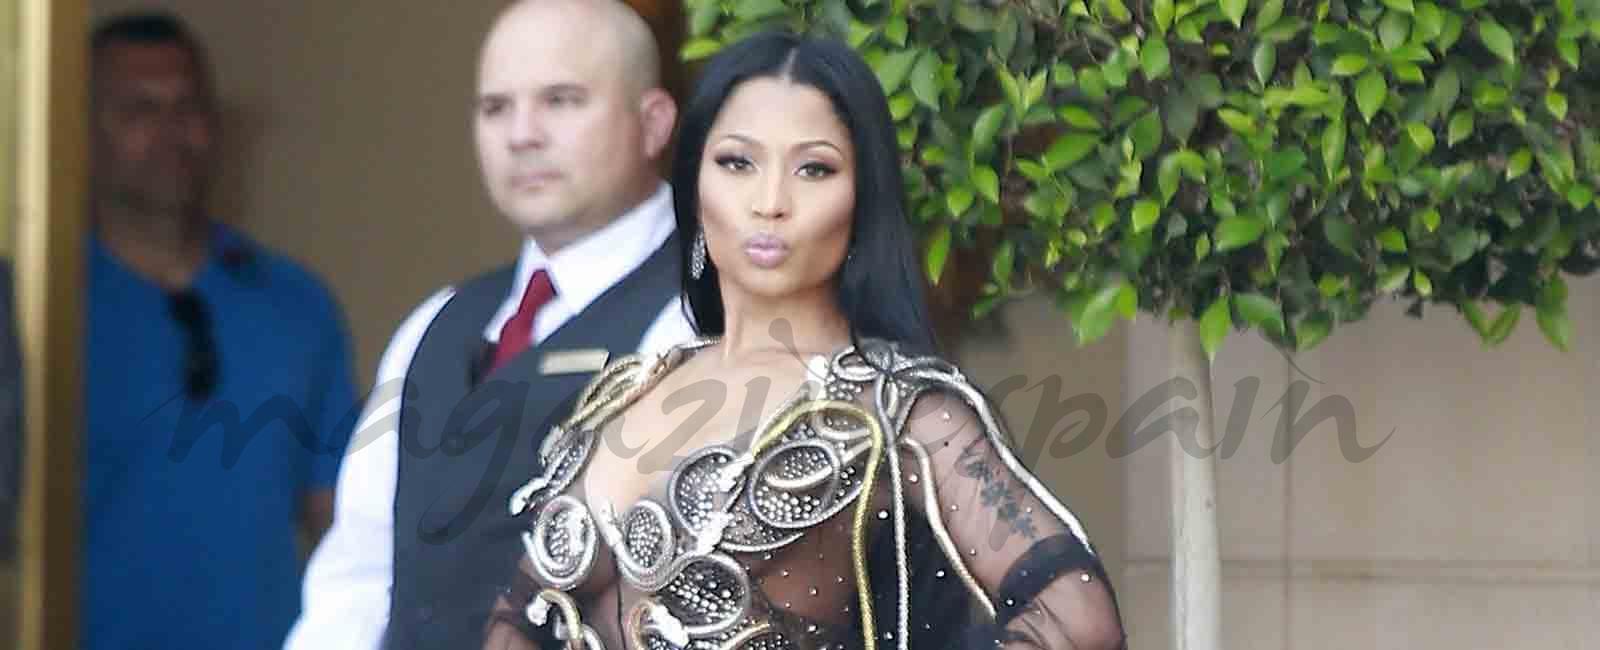 ¿Cuál es la ventaja de ser fan de Nicki Minaj?